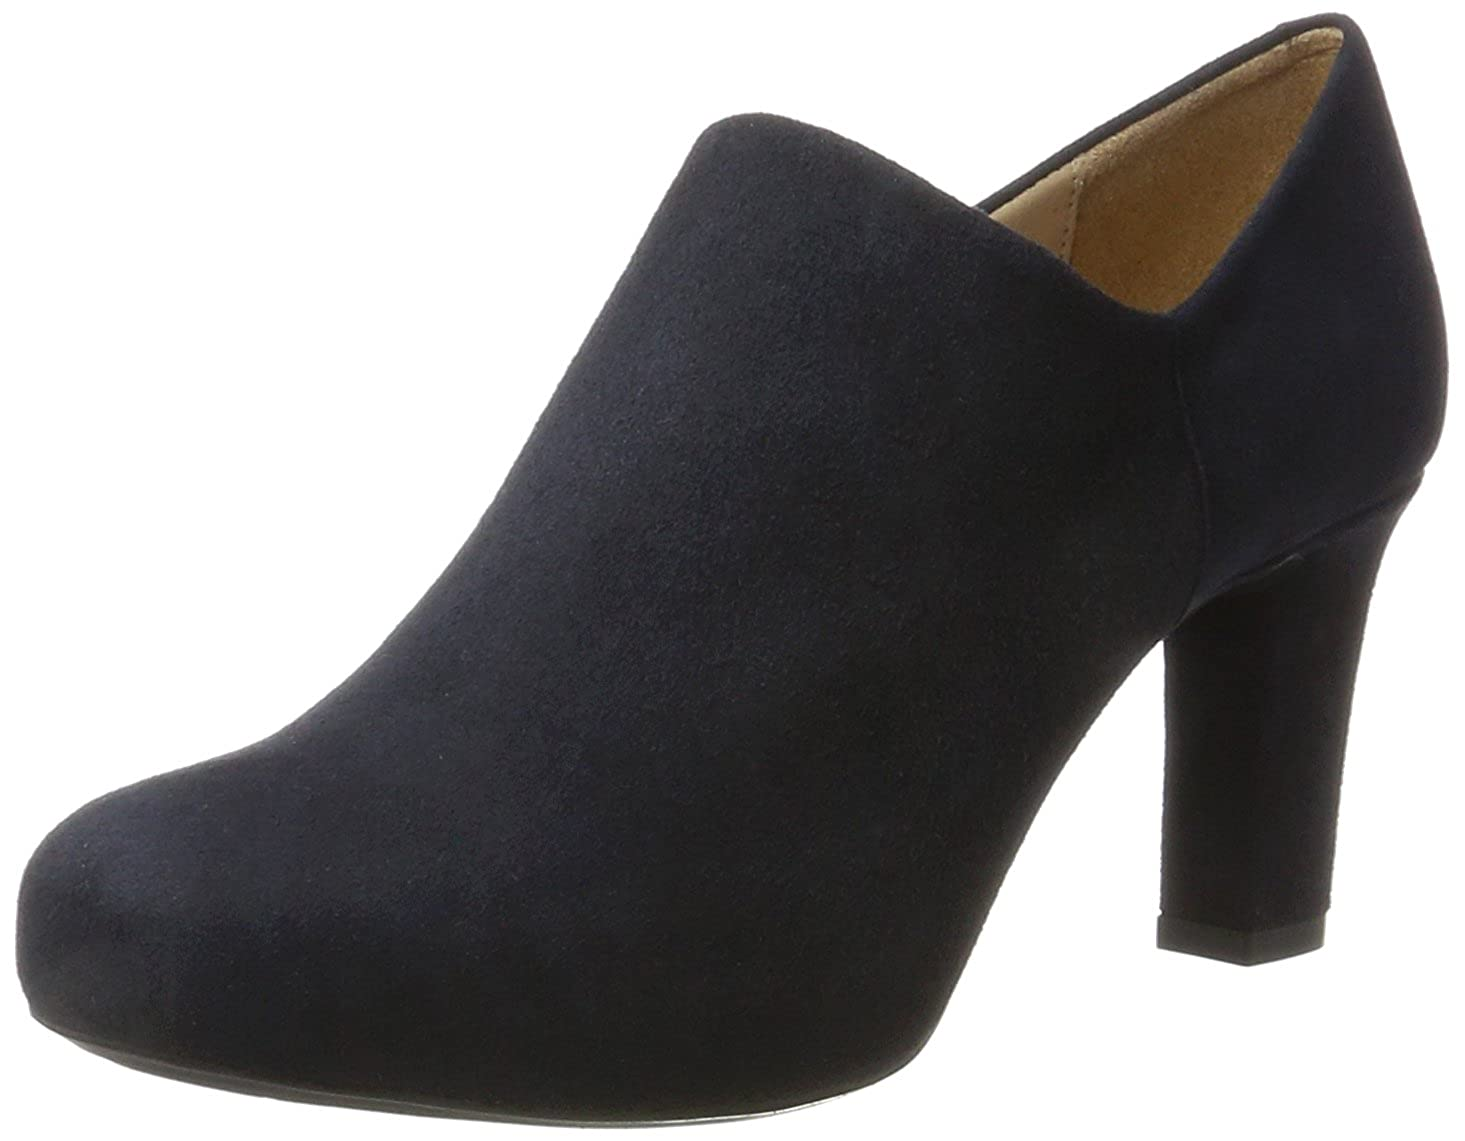 TALLA 40 EU. Unisa Nenet_f17_KS, Zapatos de Tacón para Mujer